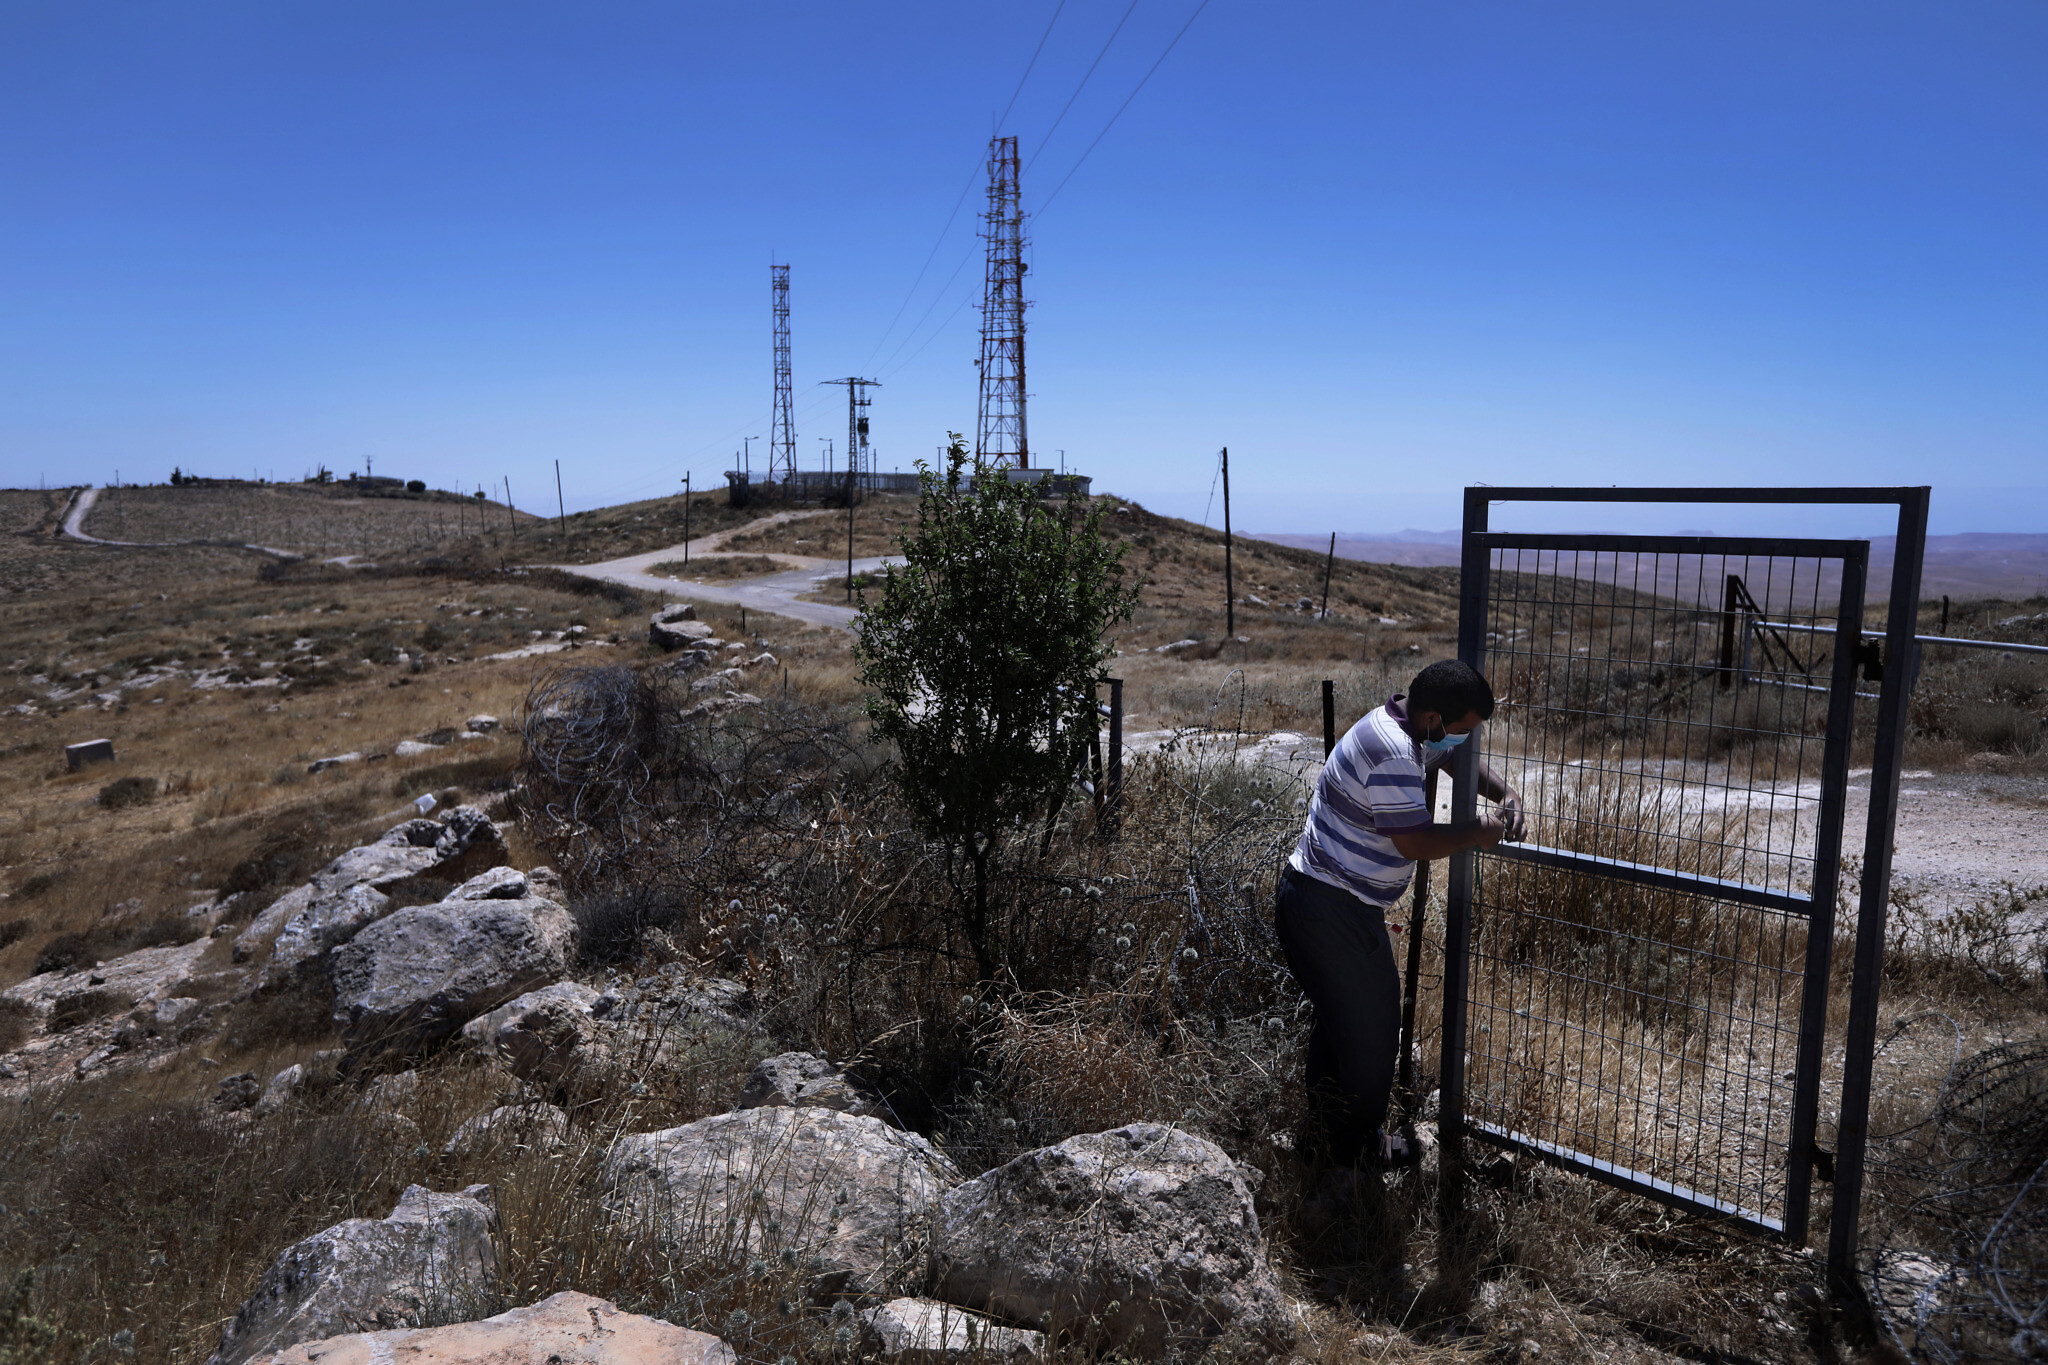 """עתמאן אבו קביטה ליד השער שהציב צה""""ל באמצע השטח שלו (צילום: אלדד רפאלי)"""